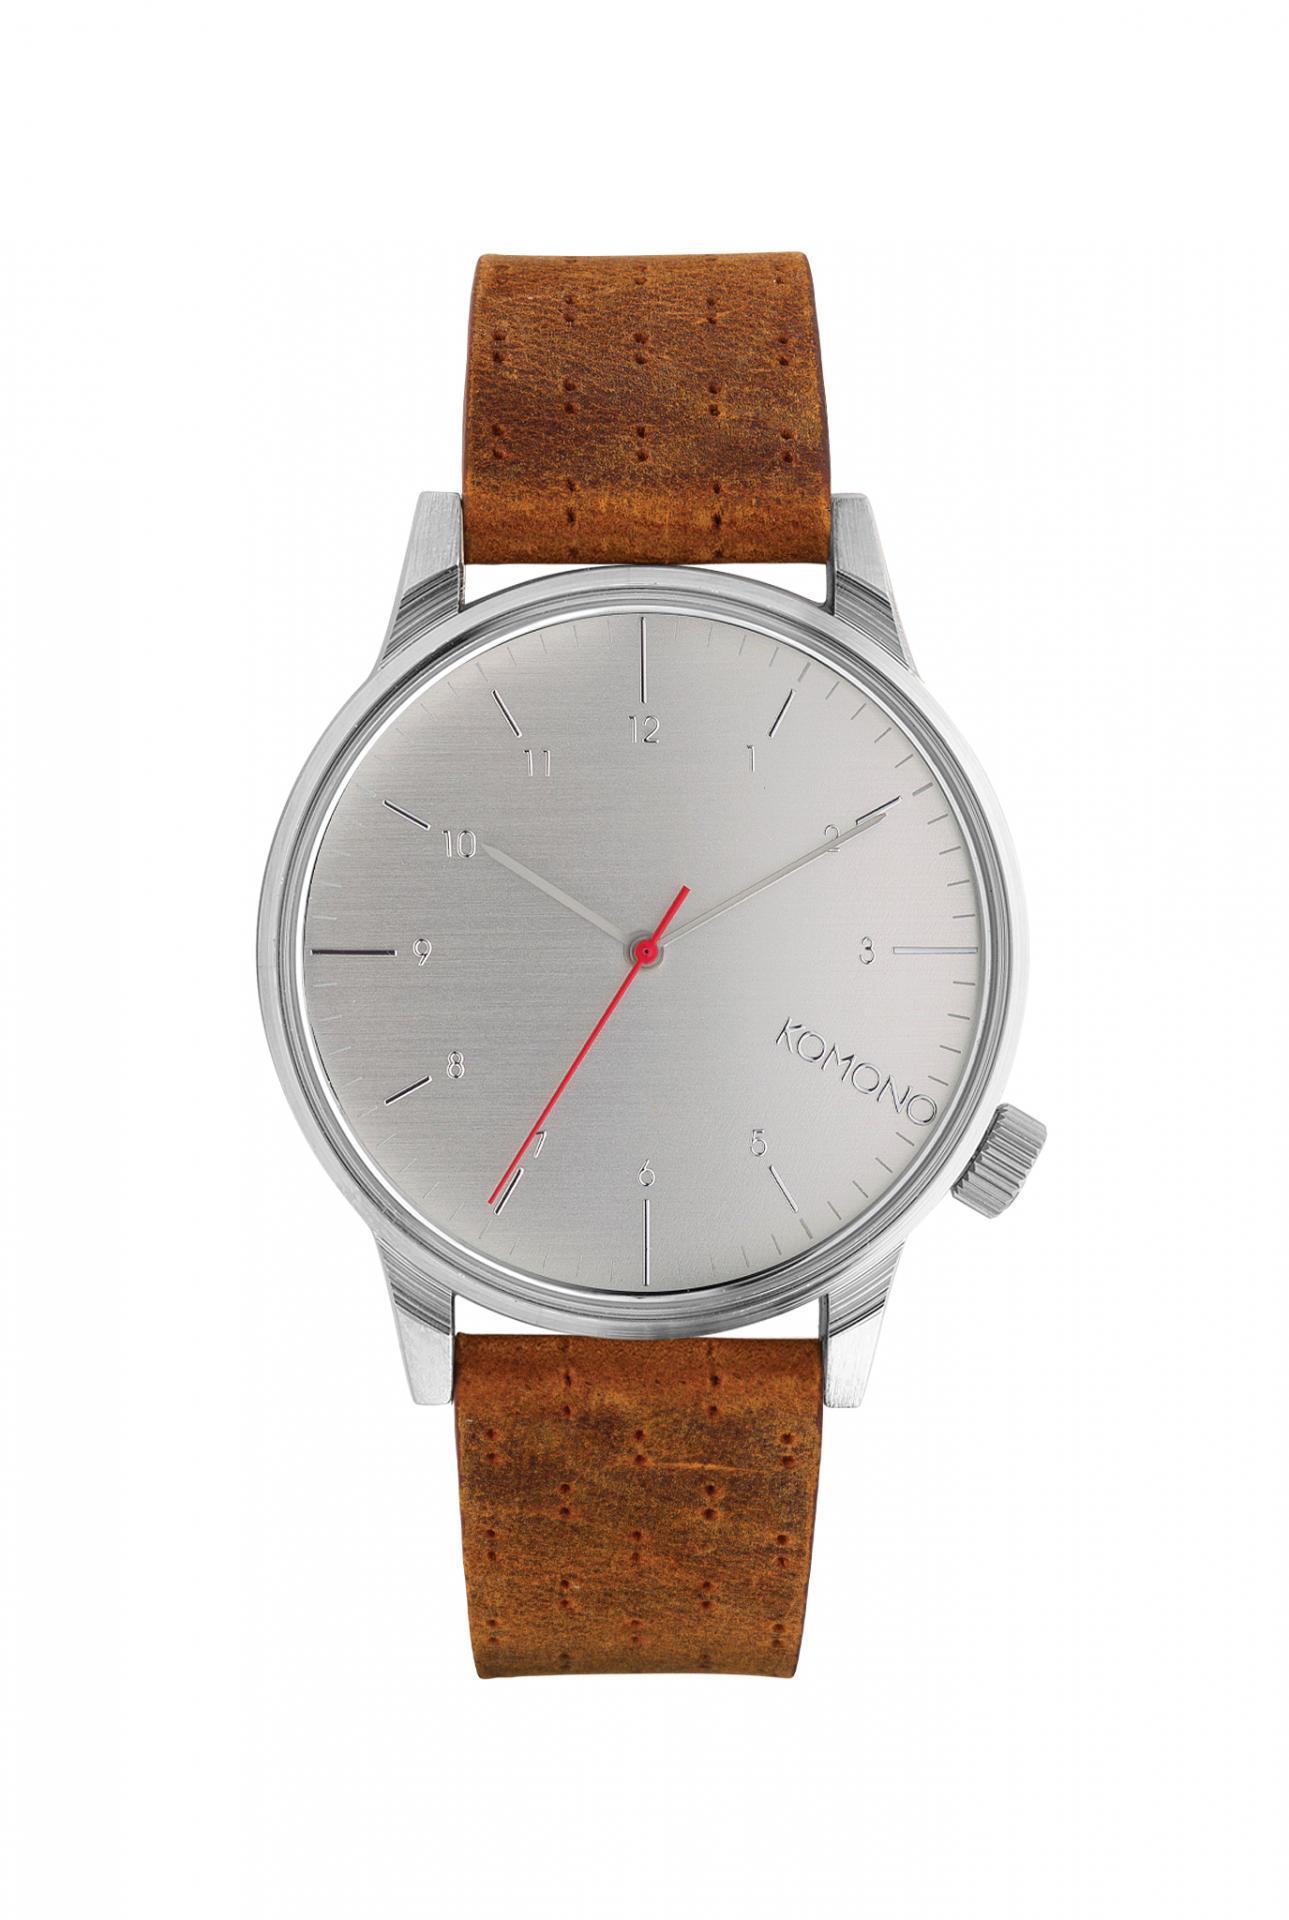 Komono Pánské hodinky Komono Winston Walnut, hnědá barva, kov, kůže